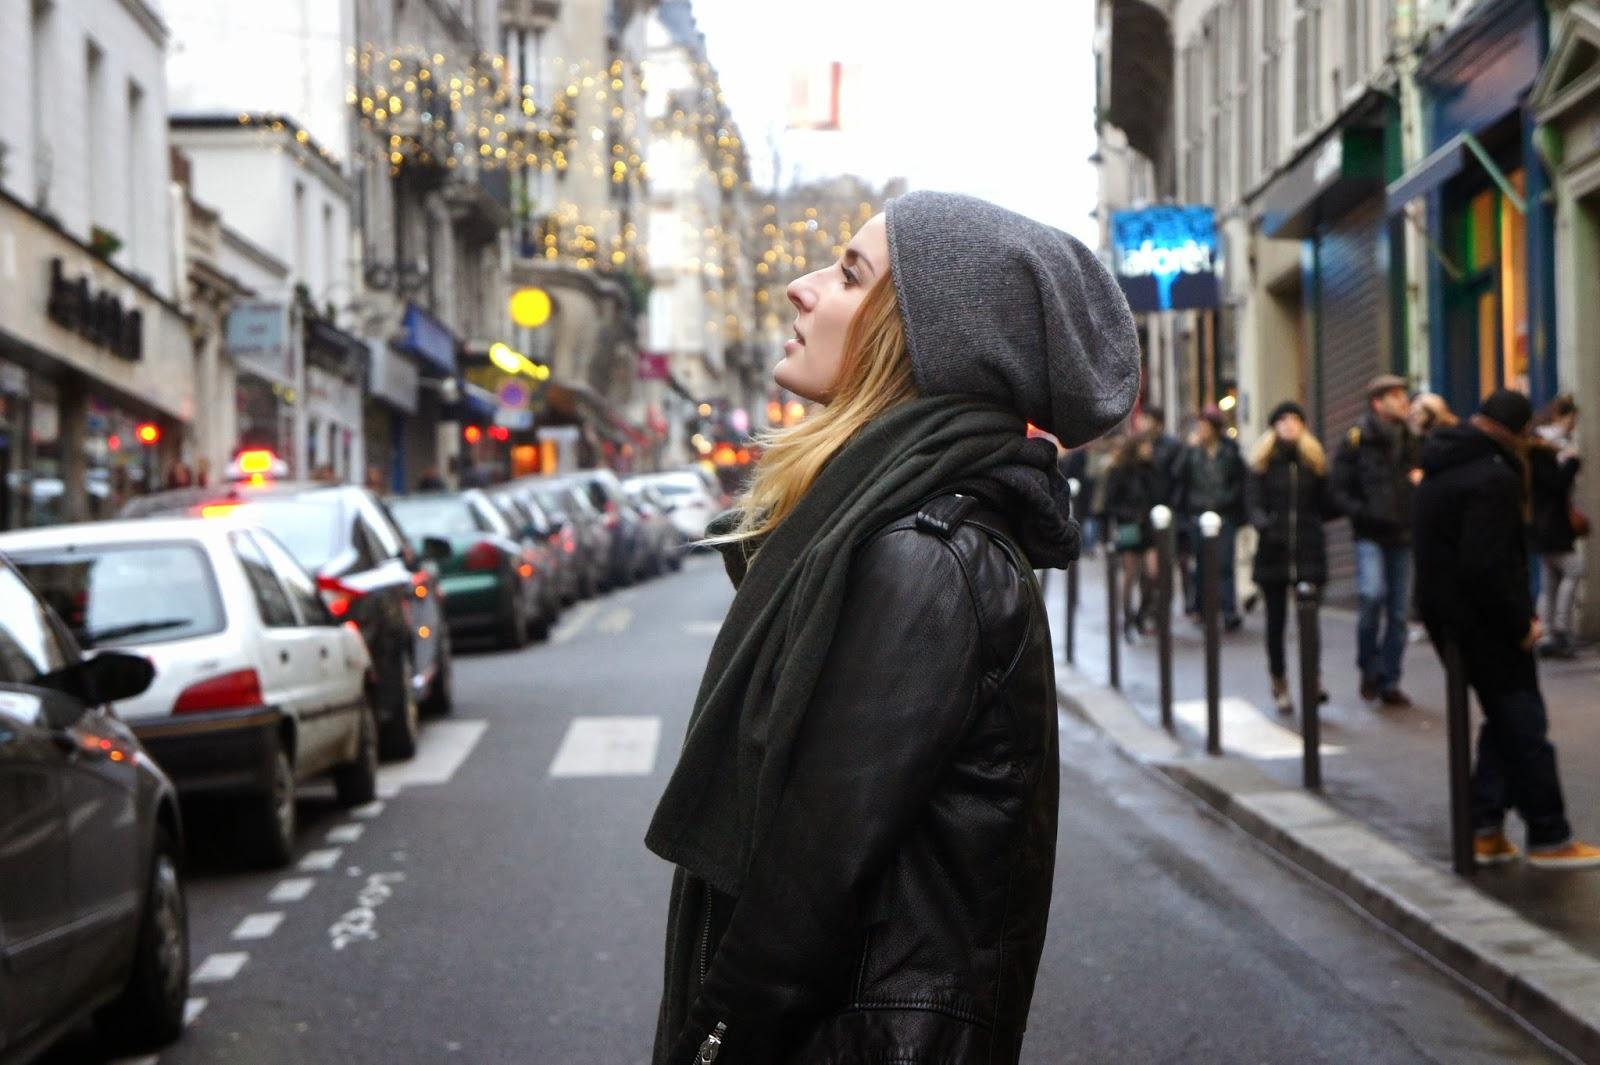 Rue des martyrs paperblog for Miroir rue des martyrs